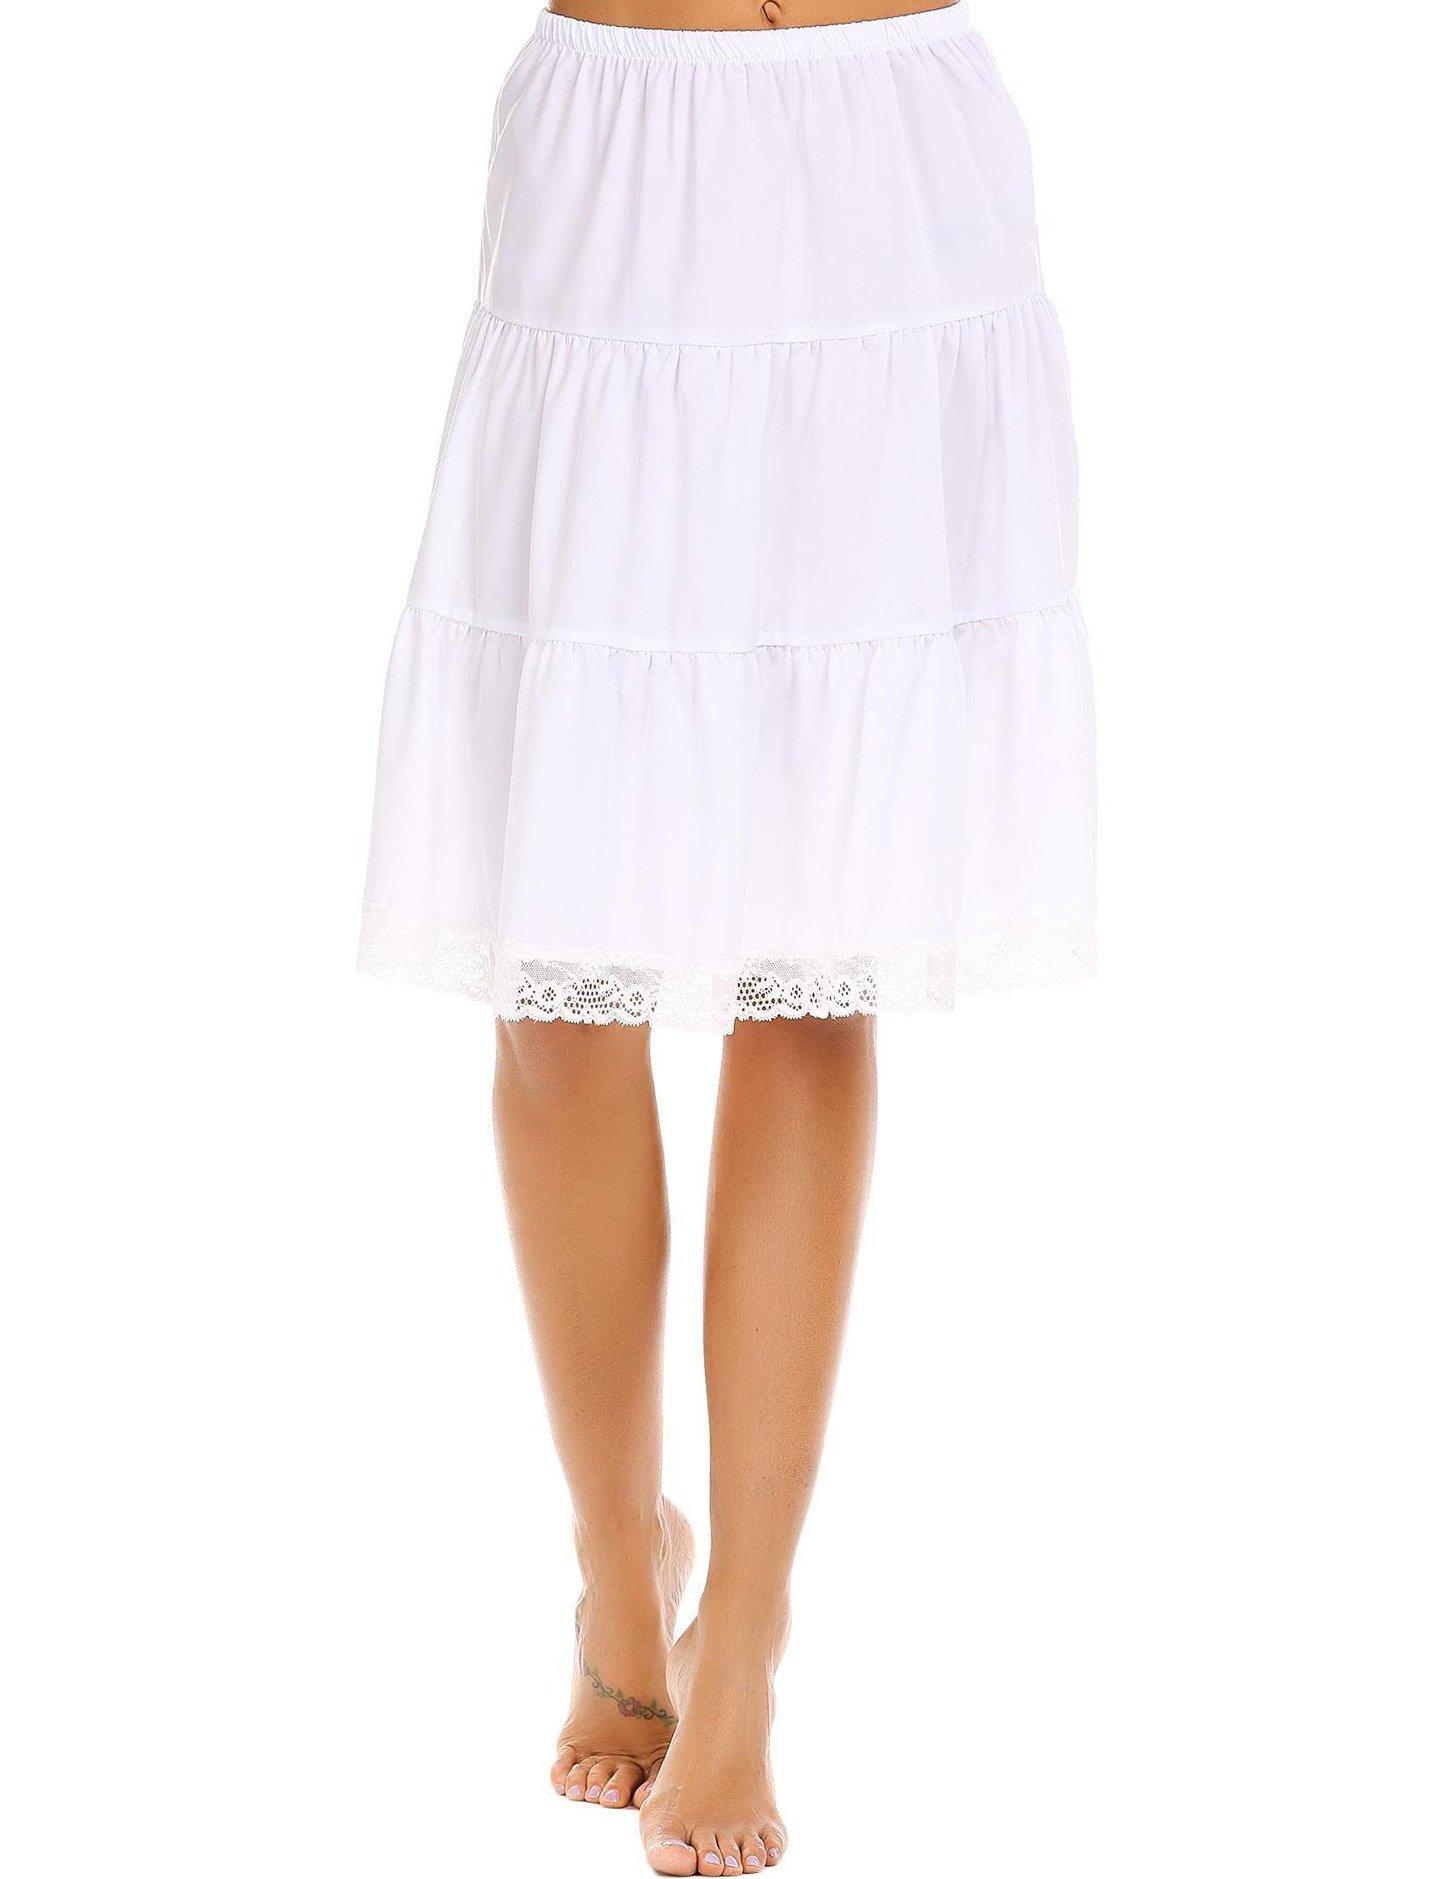 Aimado White High Waist Skirt for Women Knee Length Lace Trim Patchwork Skirt(White,Medium)